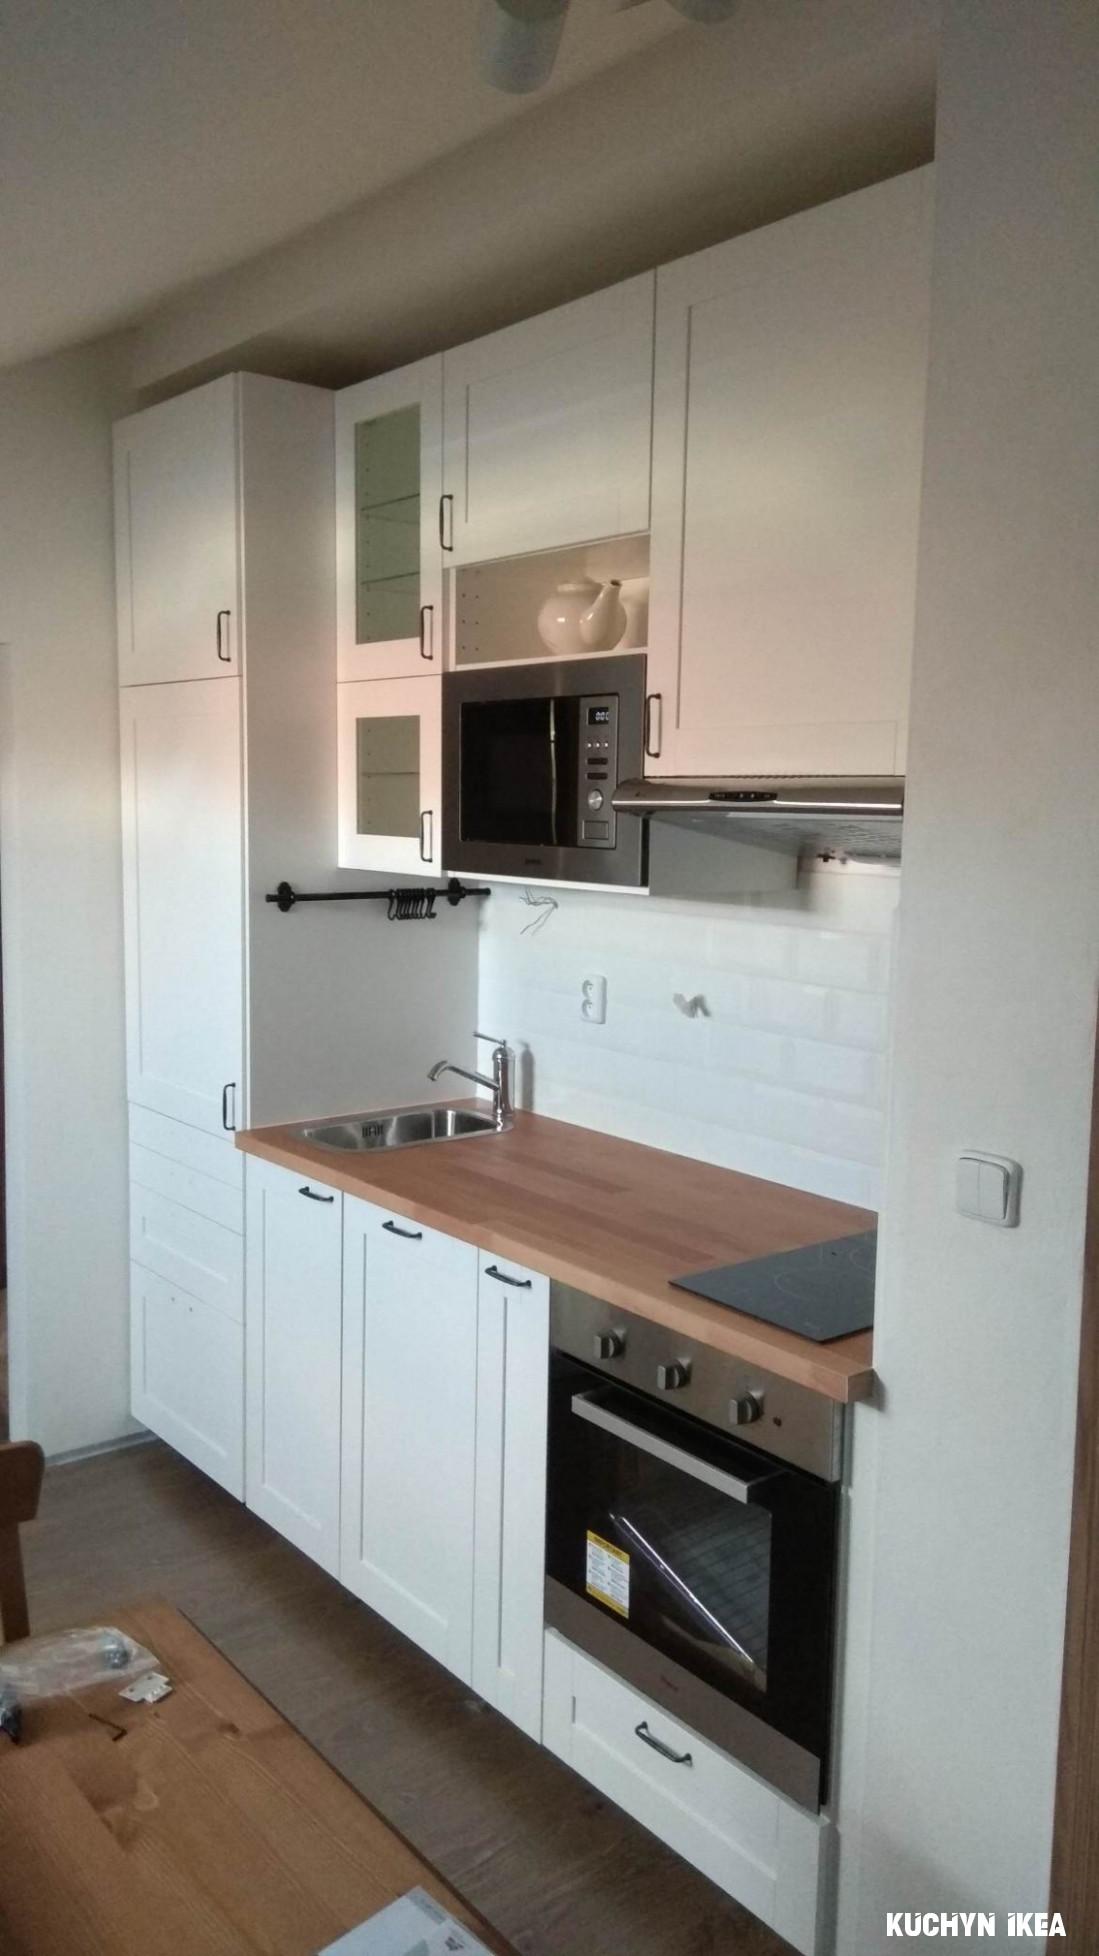 Příklad Napady Nejnovejsi z Kuchyně Ikea